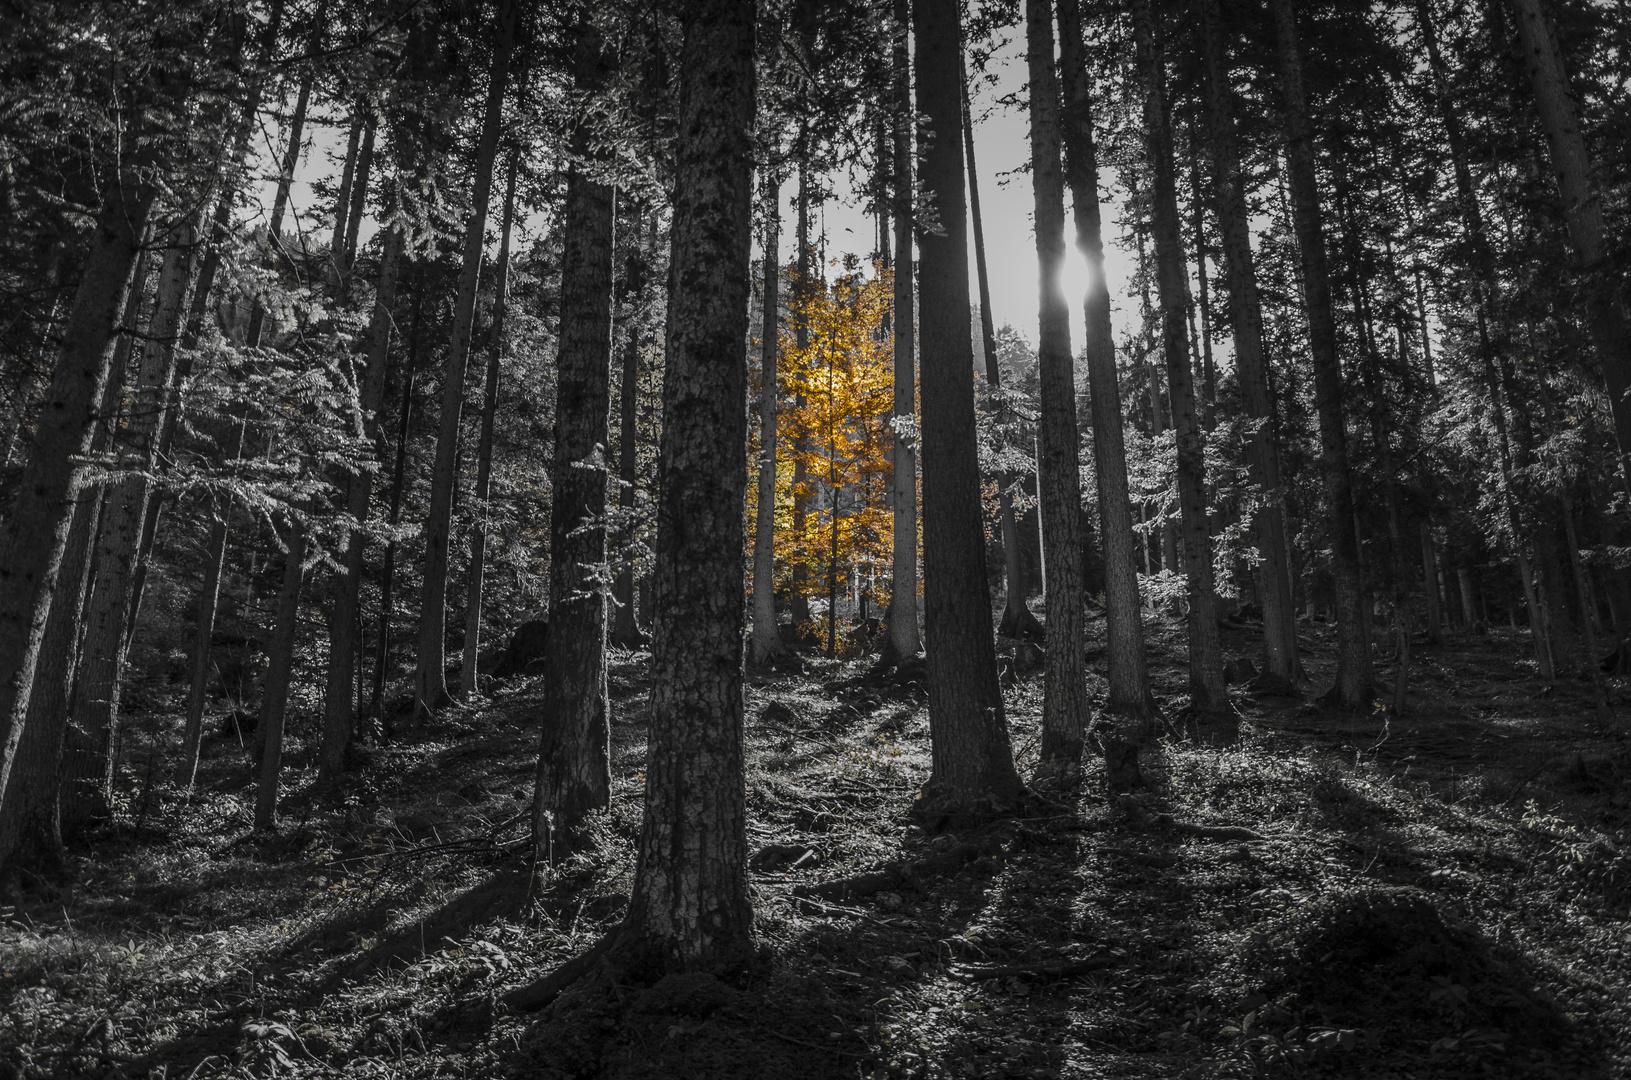 Der goldene Baum